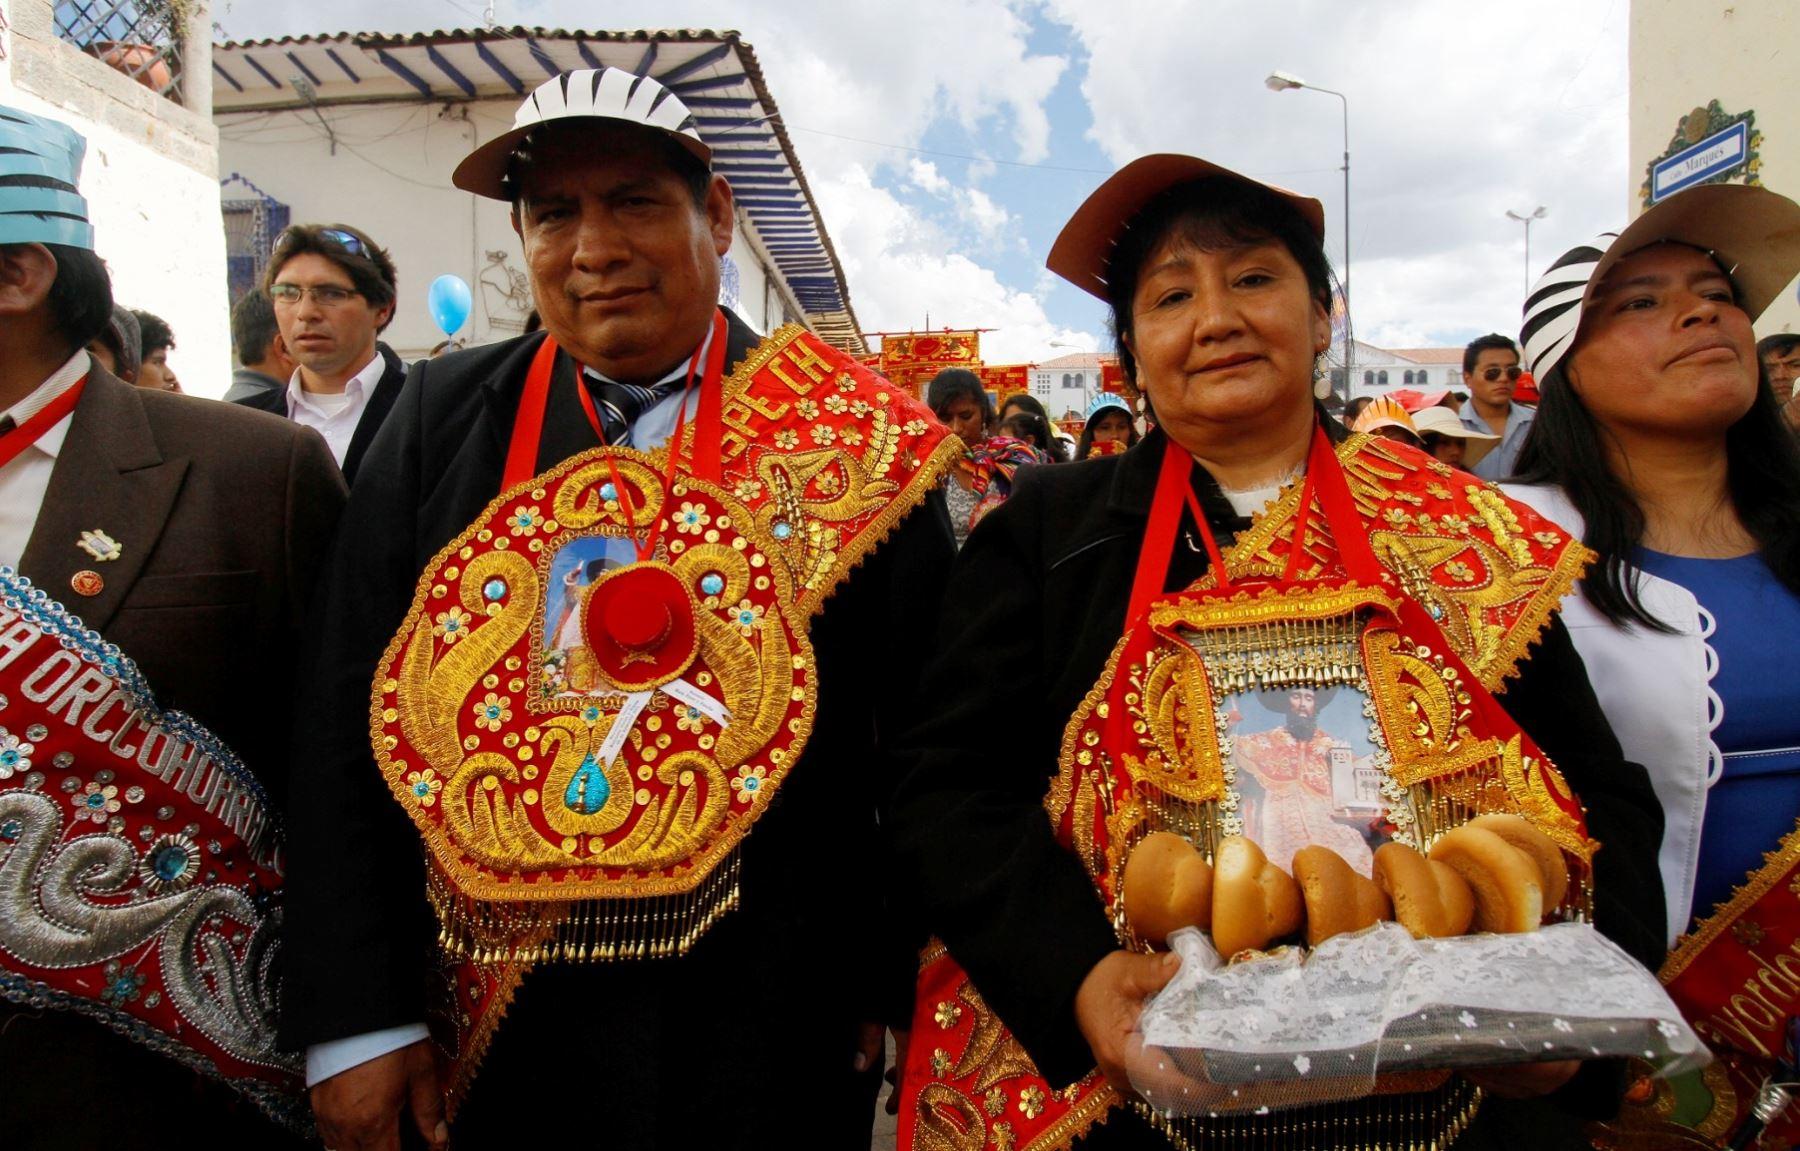 Esposos Narciso Quispe Chacón (47) e Irene Valderrama Vallenas (45), quienes renovaron su fe al Corpus Christi. ANDINA/Percy Hurtado